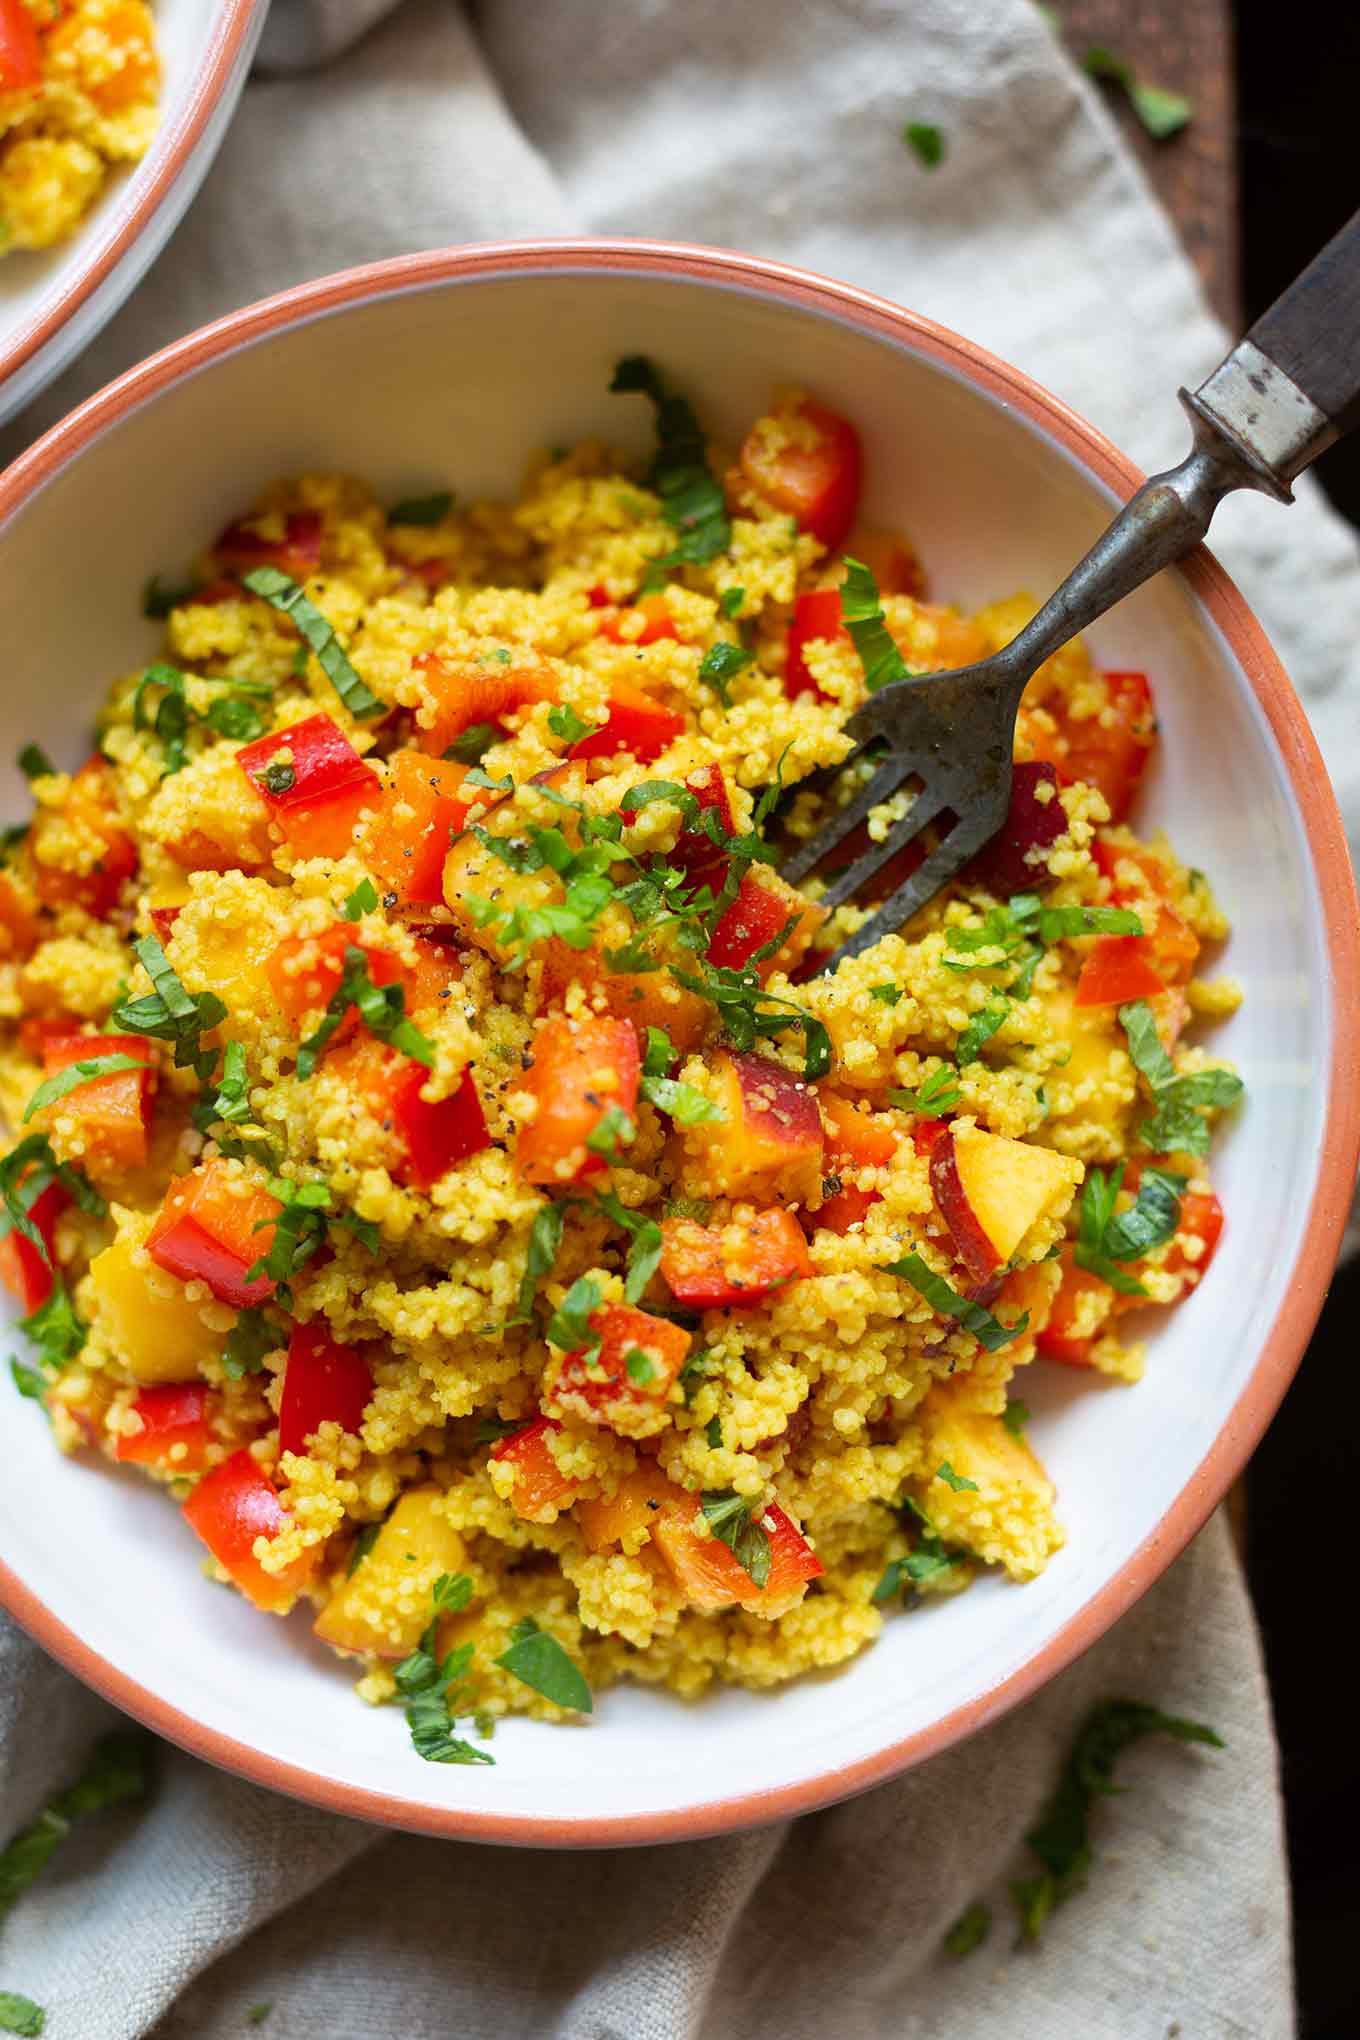 Veganer Couscoussalat mit Pfirsich, Minze und Limetten-Dressing. Super einfach, saftig und perfekt für Grillen und Picknick. Unbedingt probieren! - Kochkarussell.com #vegan #couscoussalat #grillen #picknick #kochkarussell